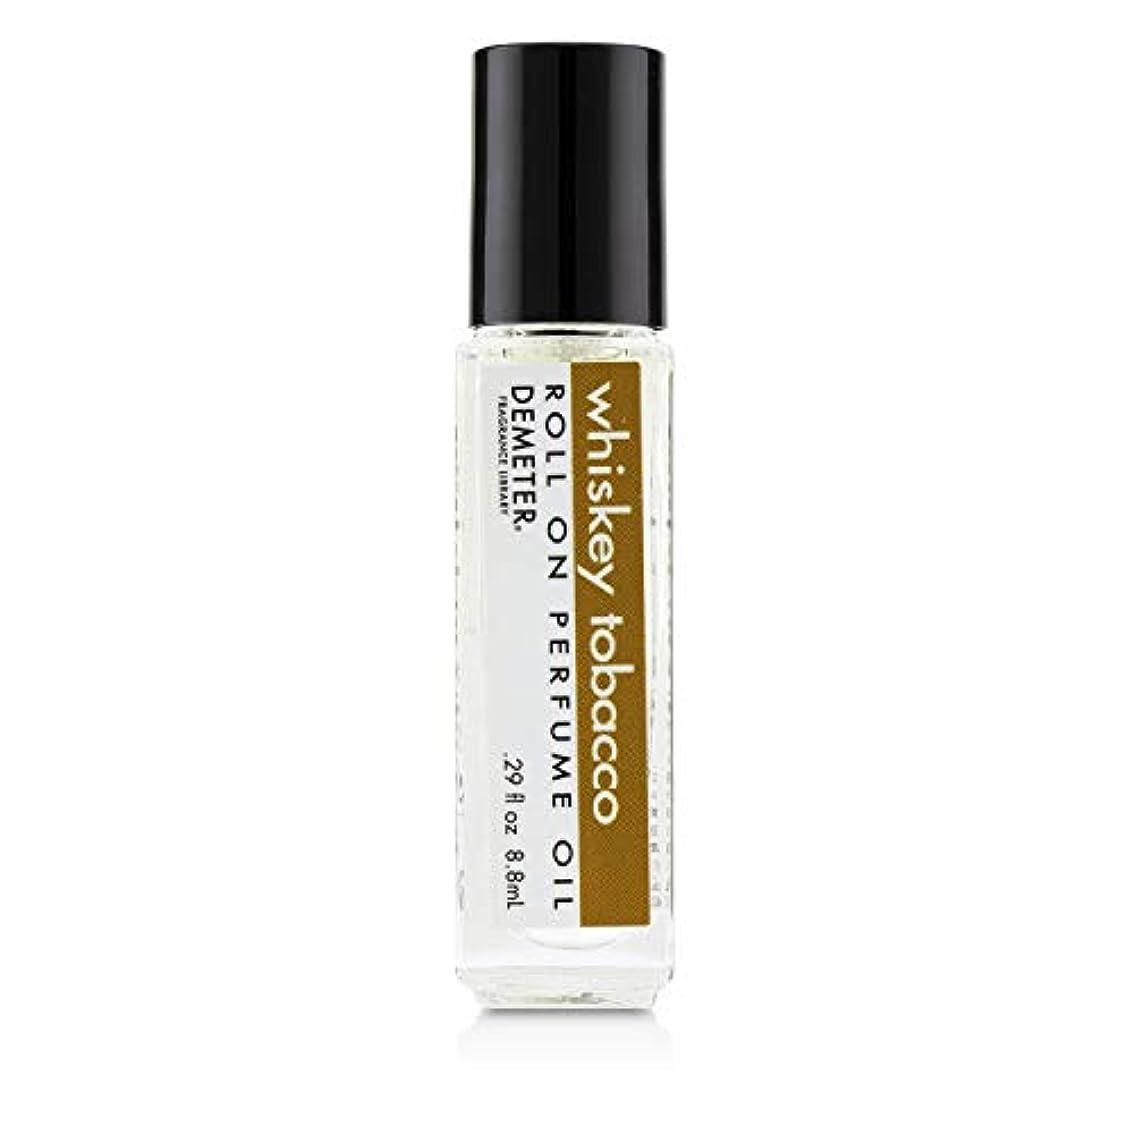 不変信条トランジスタディメーター Whiskey Tobacco Roll On Perfume Oil 8.8ml/0.29oz並行輸入品